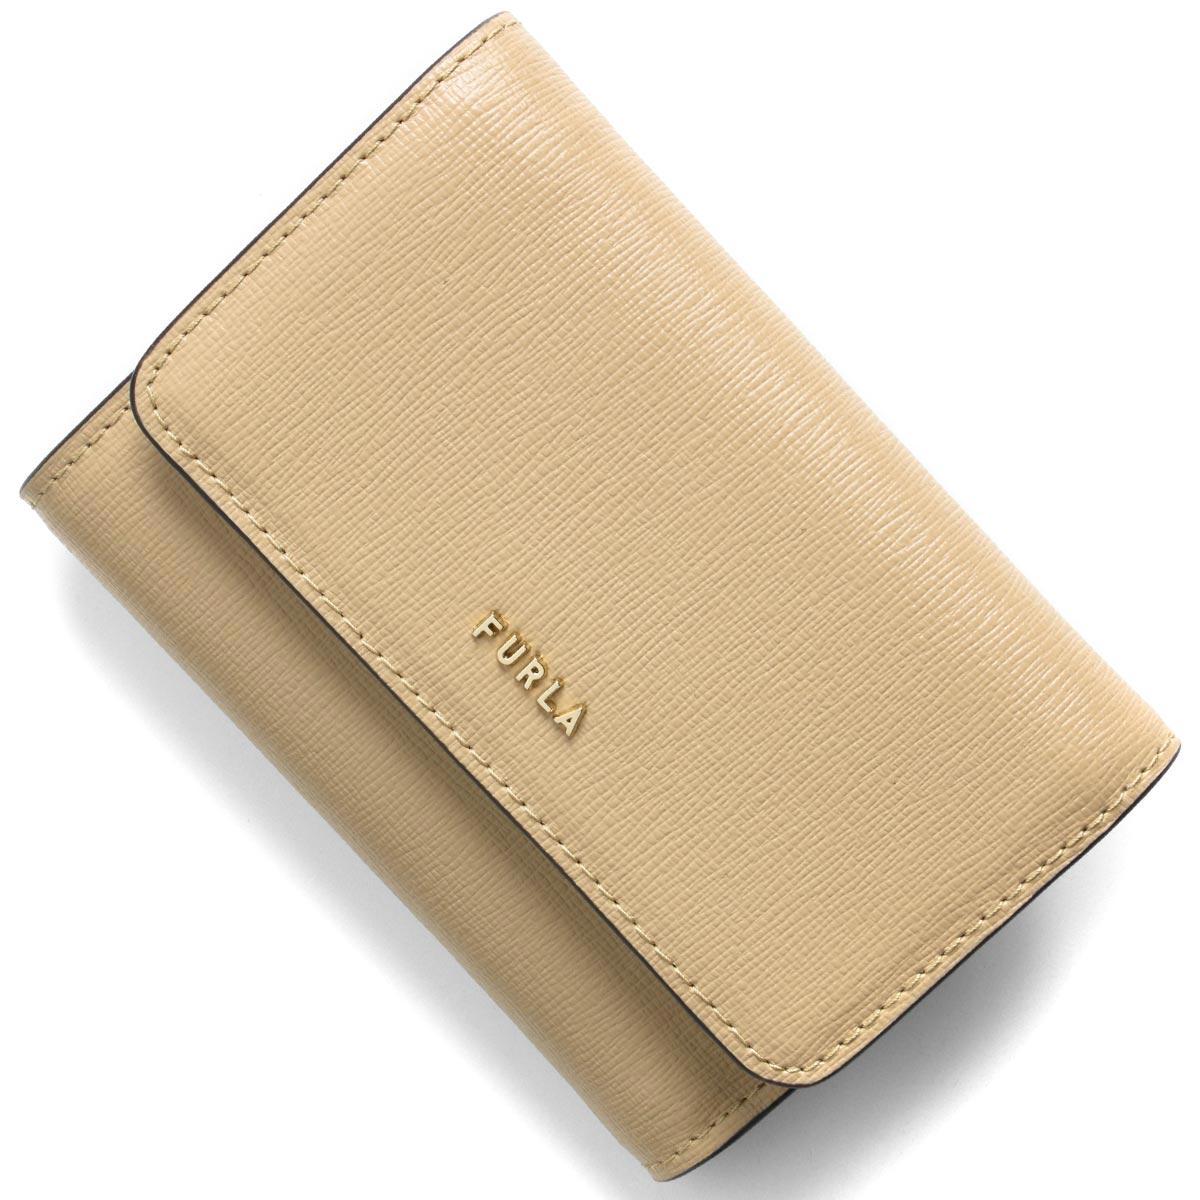 フルラ 三つ折り財布 財布 レディース バビロン スモール サンドベージュ PCZ0 B30 02B 1056946 FURLA